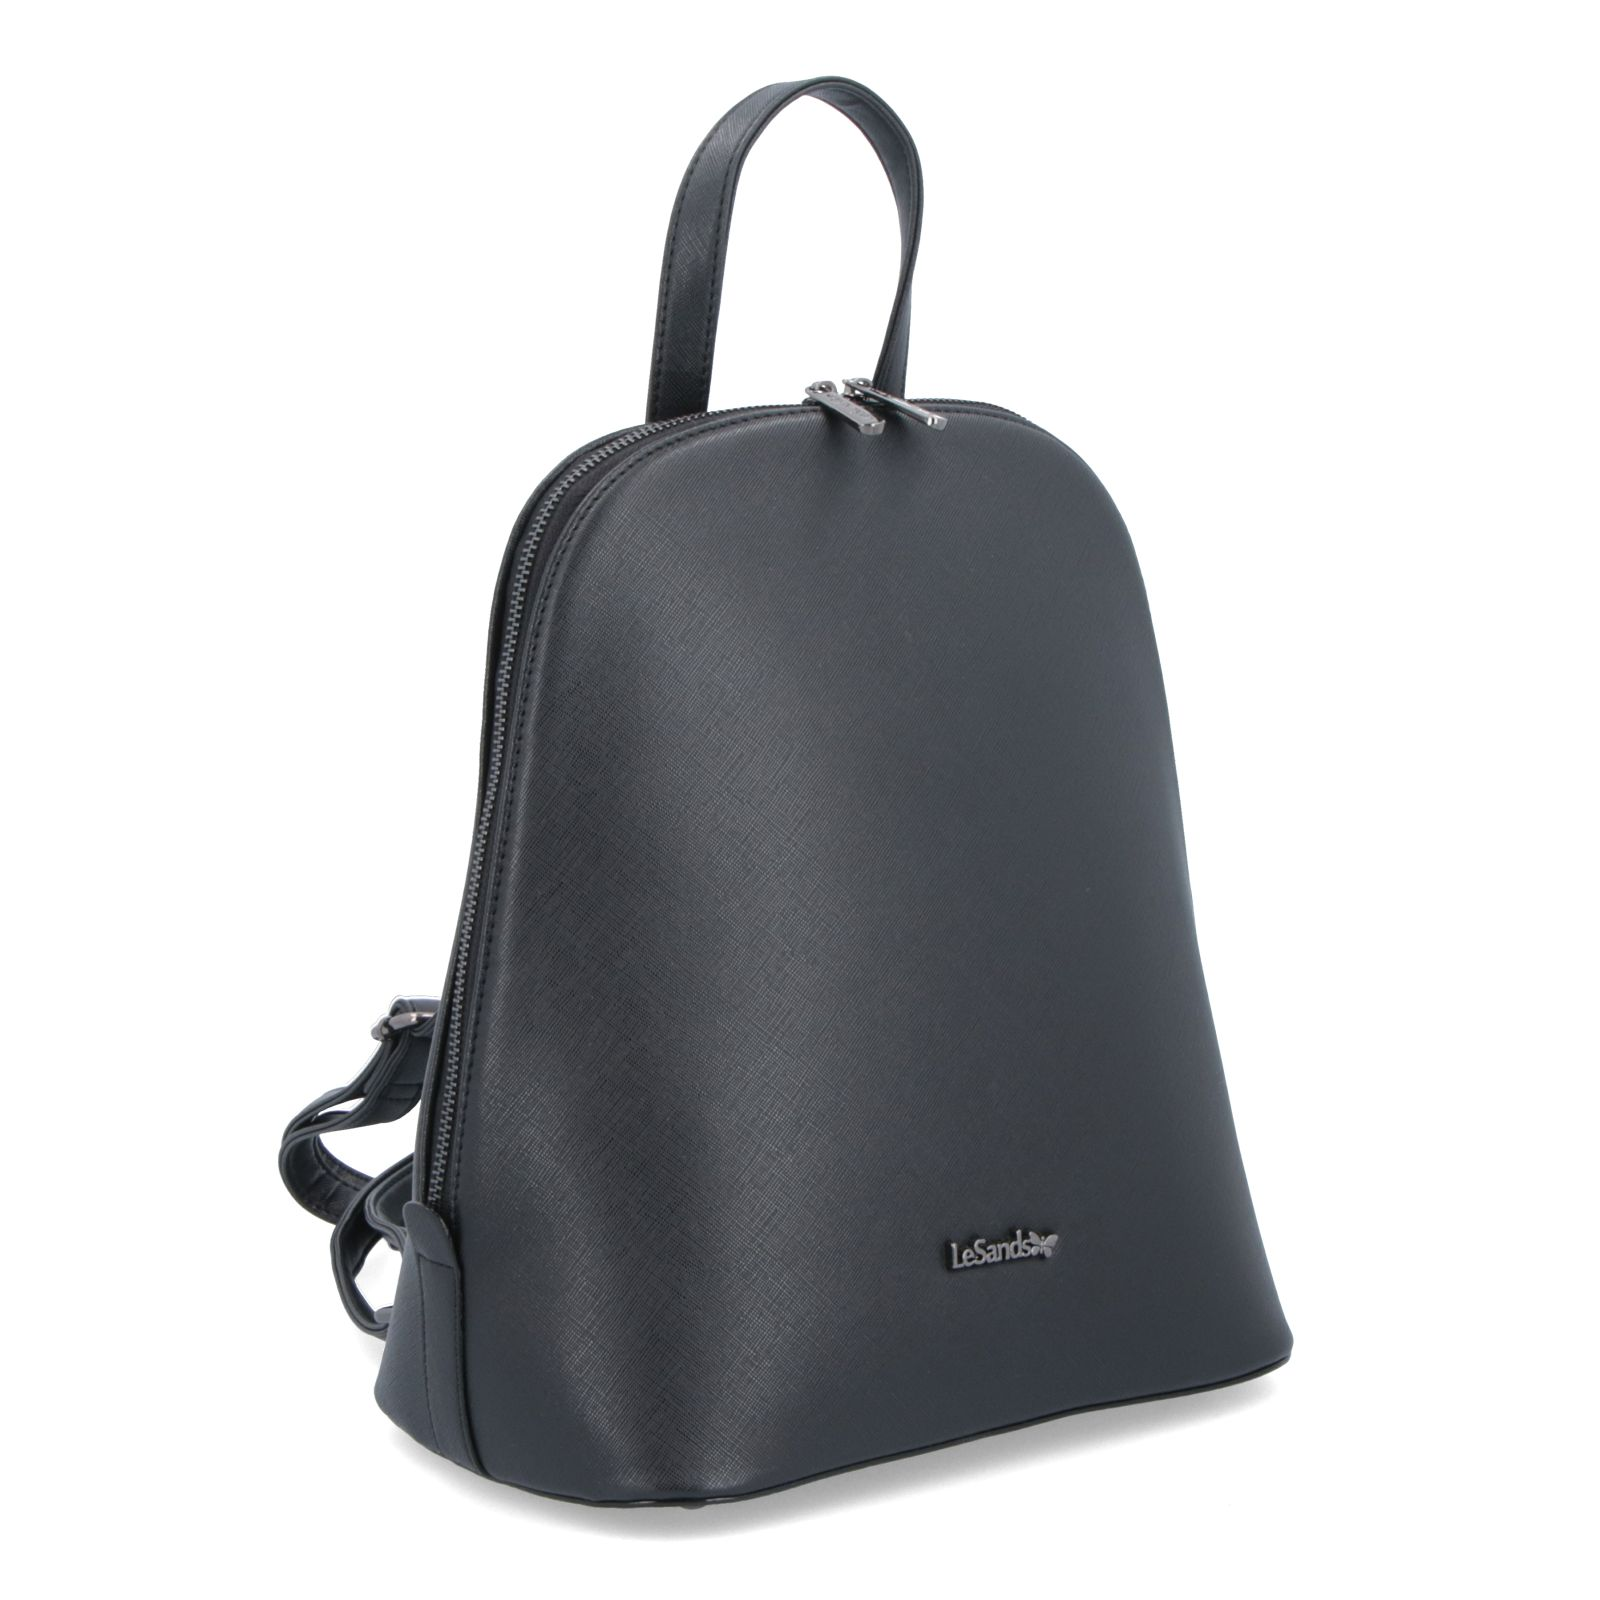 Městský batoh Le Sands – 3820 C